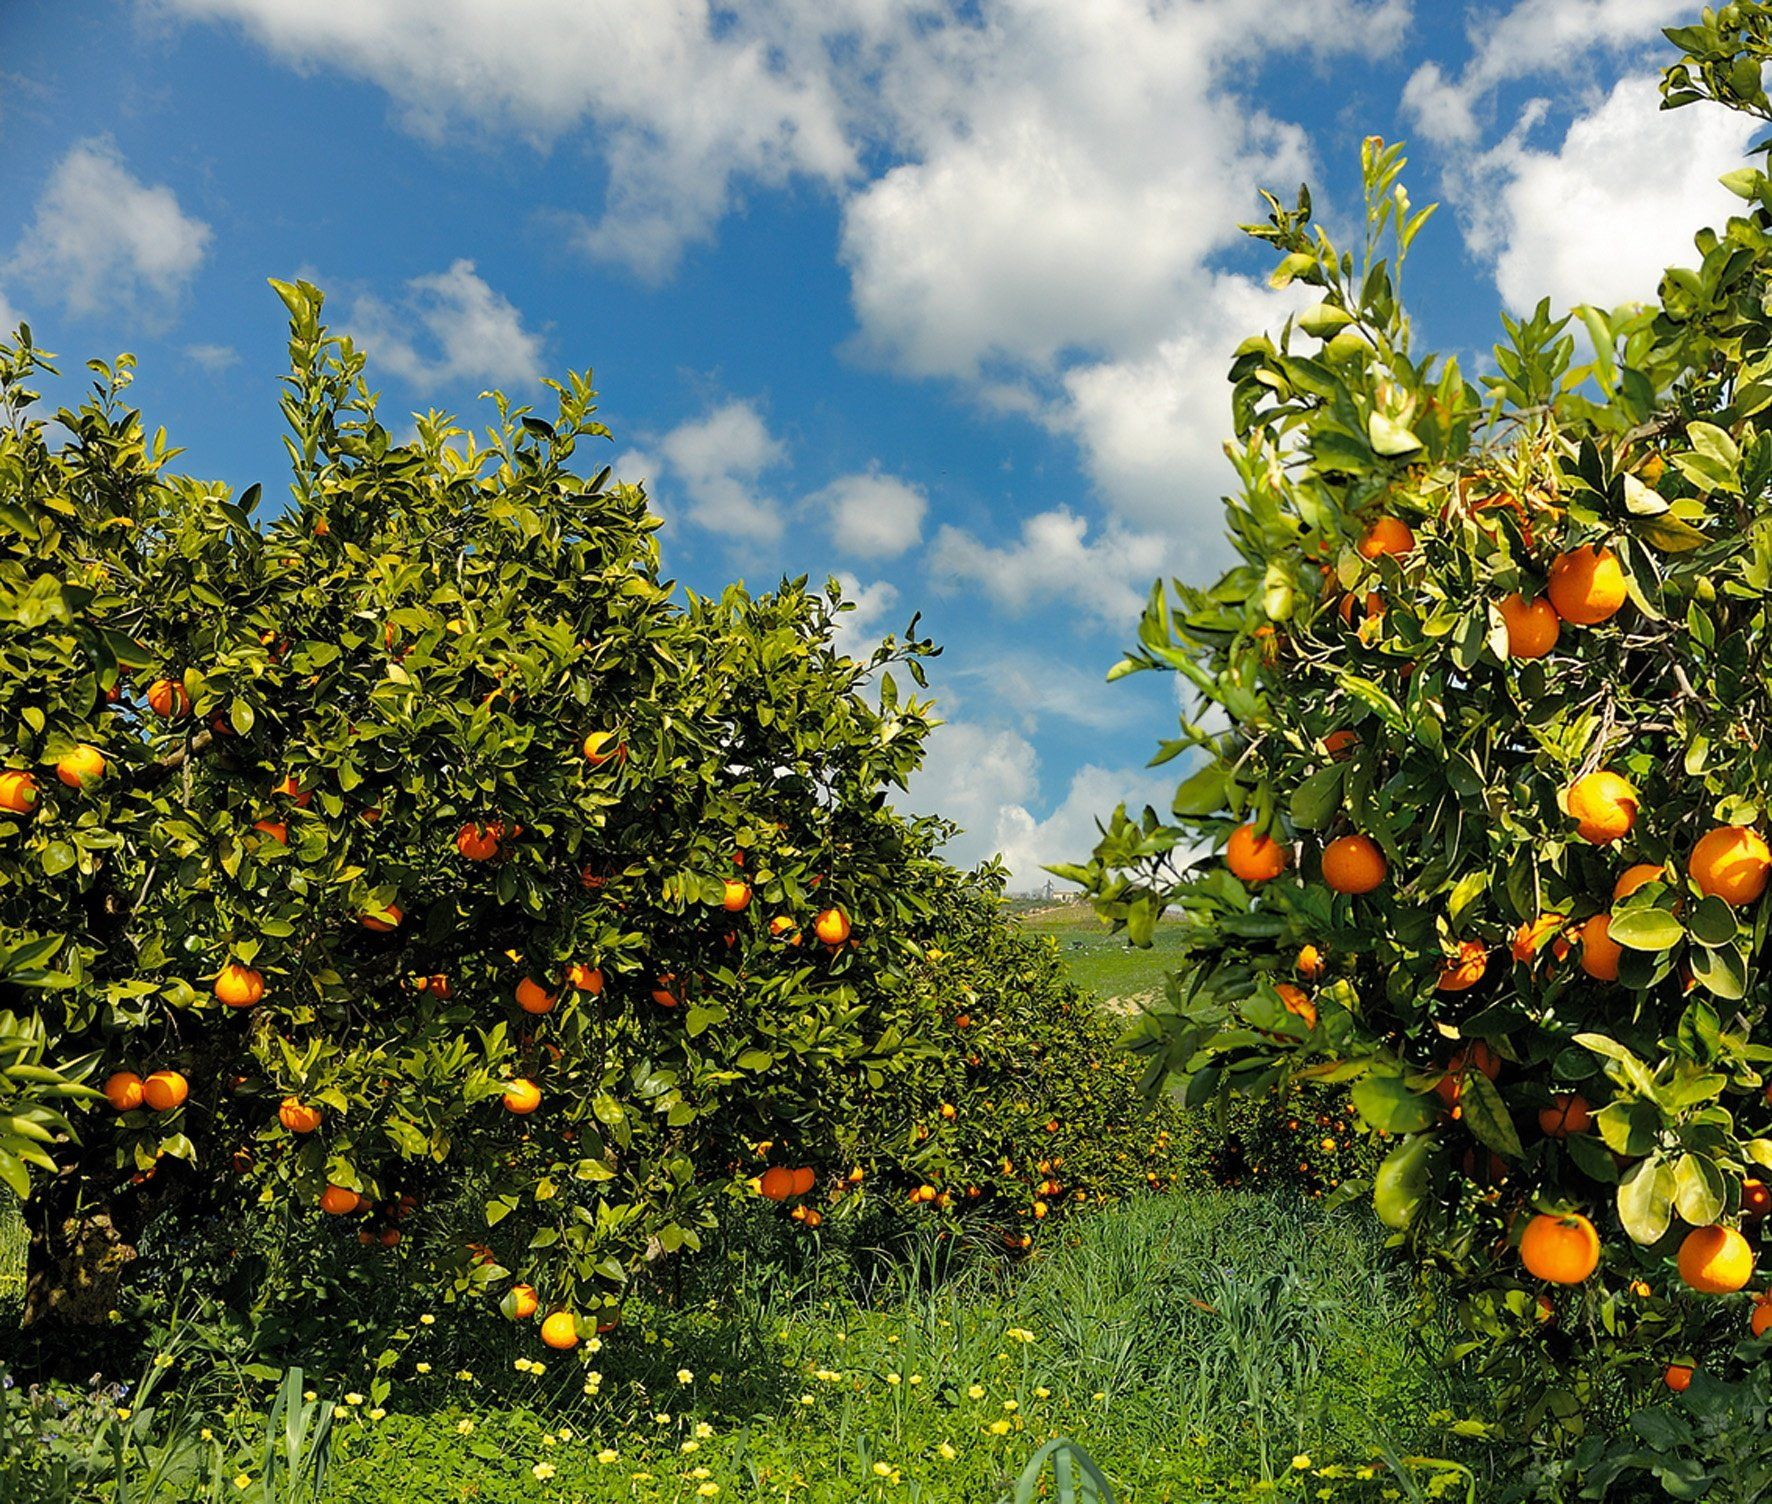 In Sicilia sono state confiscate alla criminalità organizzata ben 1148 aziende agricole | Report Campania